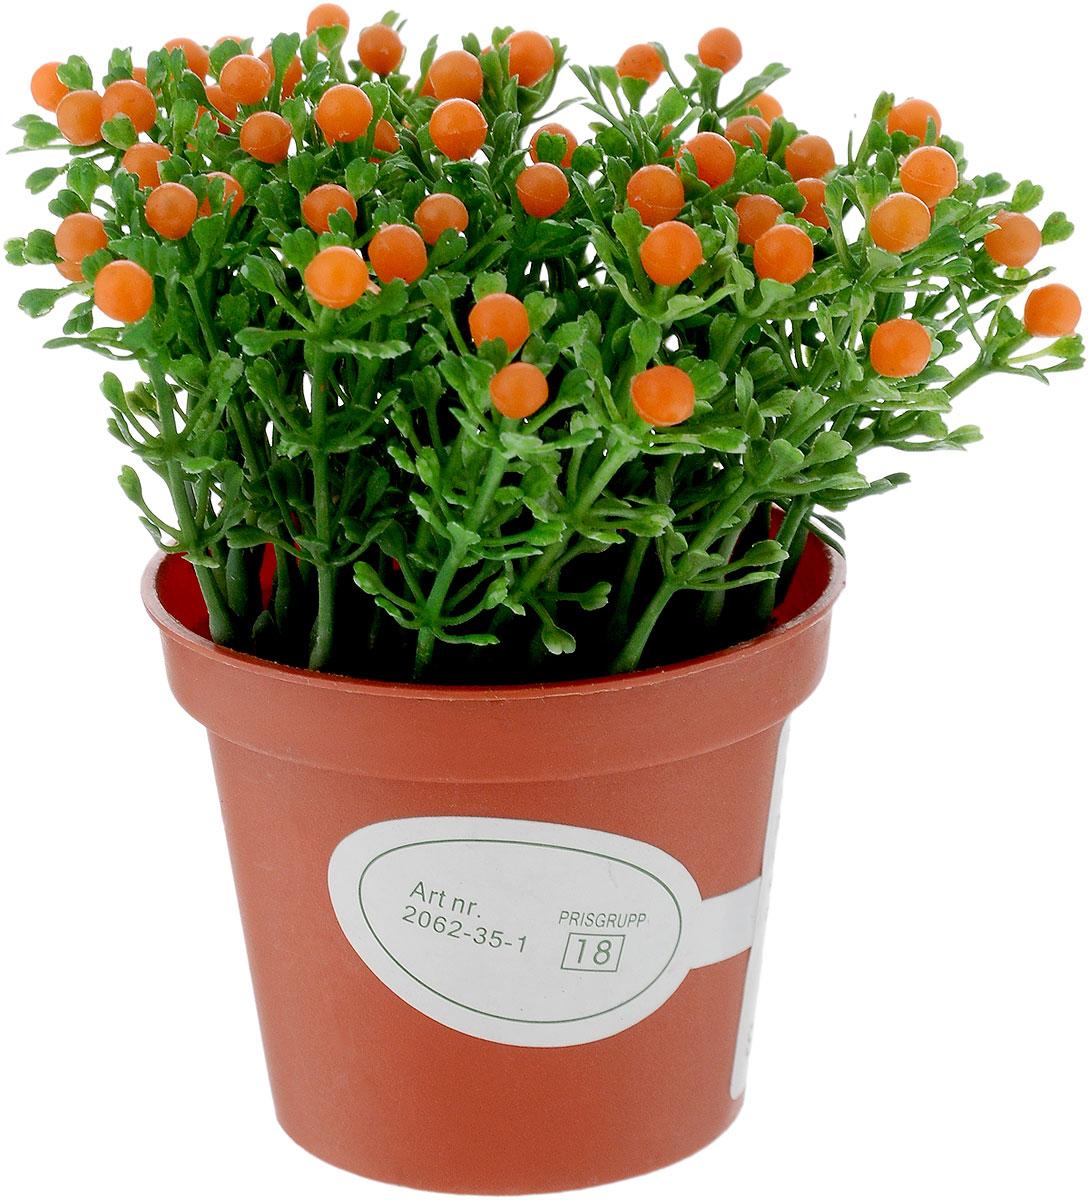 Растение искусственное для мини-сада Bloom`its, высота 11,5 см804833_зеленый, оранжевыйИскусственное растение Bloom`its поможет создать свой собственный мини-сад. Заниматься ландшафтным дизайном и декором теперь можно, даже если у вас нет своего загородного дома, причем не выходя из дома. Устройте себе удовольствие садовода, собирая миниатюрные фигурки и составляя из них различные композиции. Объедините миниатюрные изделия в емкости (керамический горшок, корзина, деревянный ящик или стеклянная посуда) и добавьте мини-растения. Это не только поможет увлекательно провести время, раскрывая ваше воображение и фантазию, результат работы станет стильным и необычным украшением интерьера.